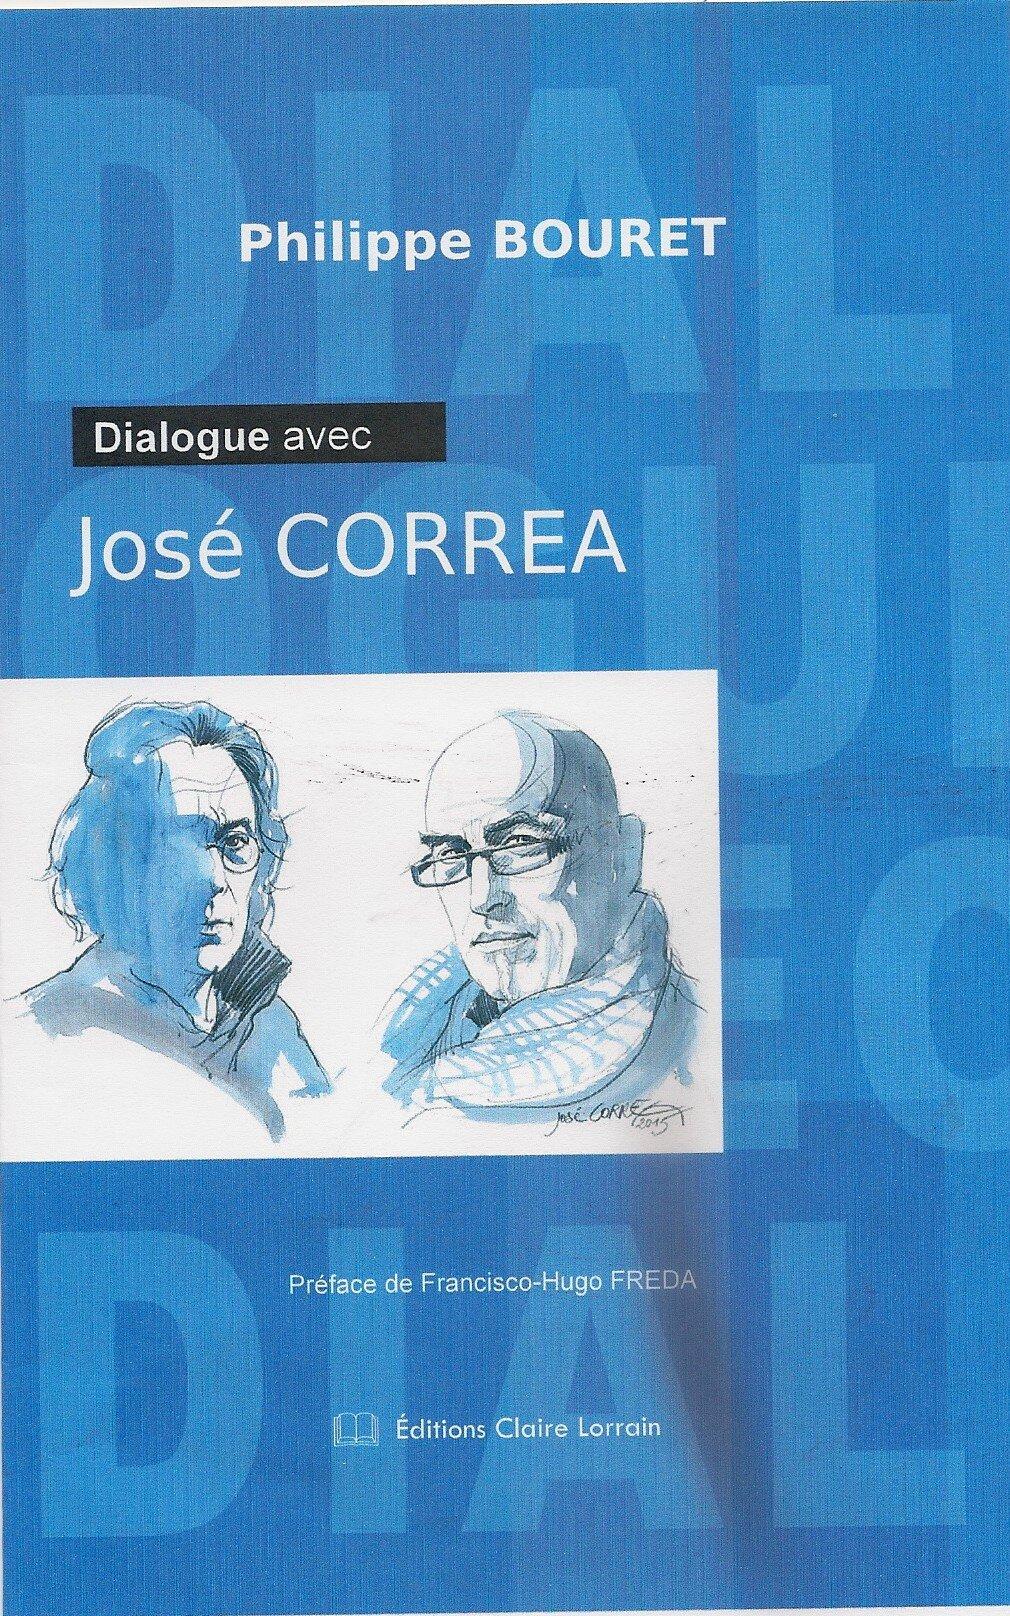 Dialogue avec José Correa de Philippe BOURET